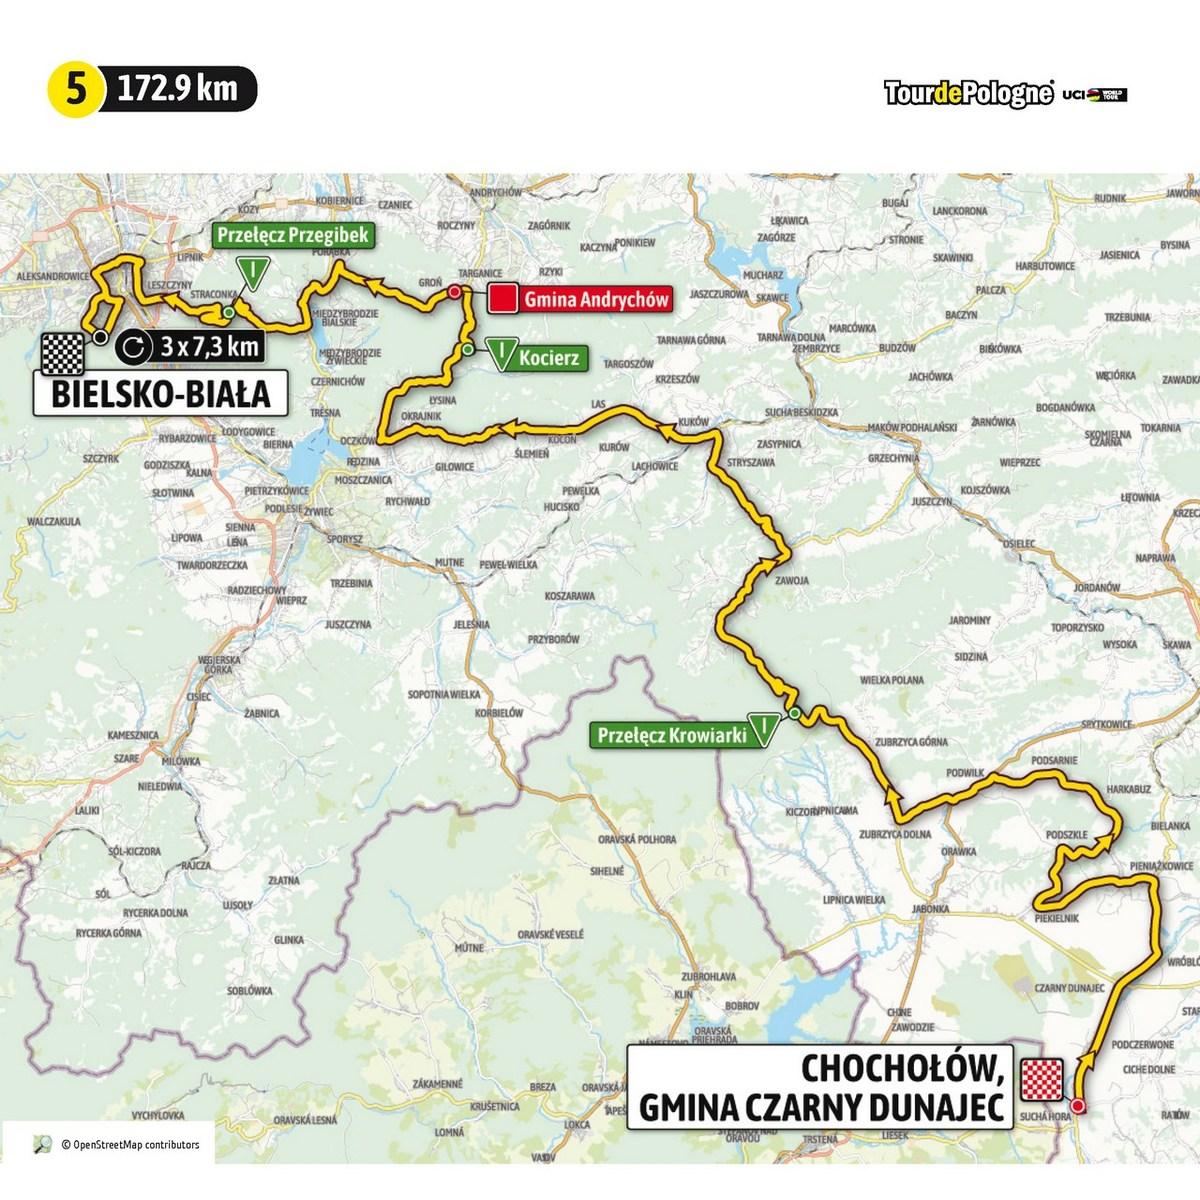 Tour de Pologne ponownie w naszym regionie